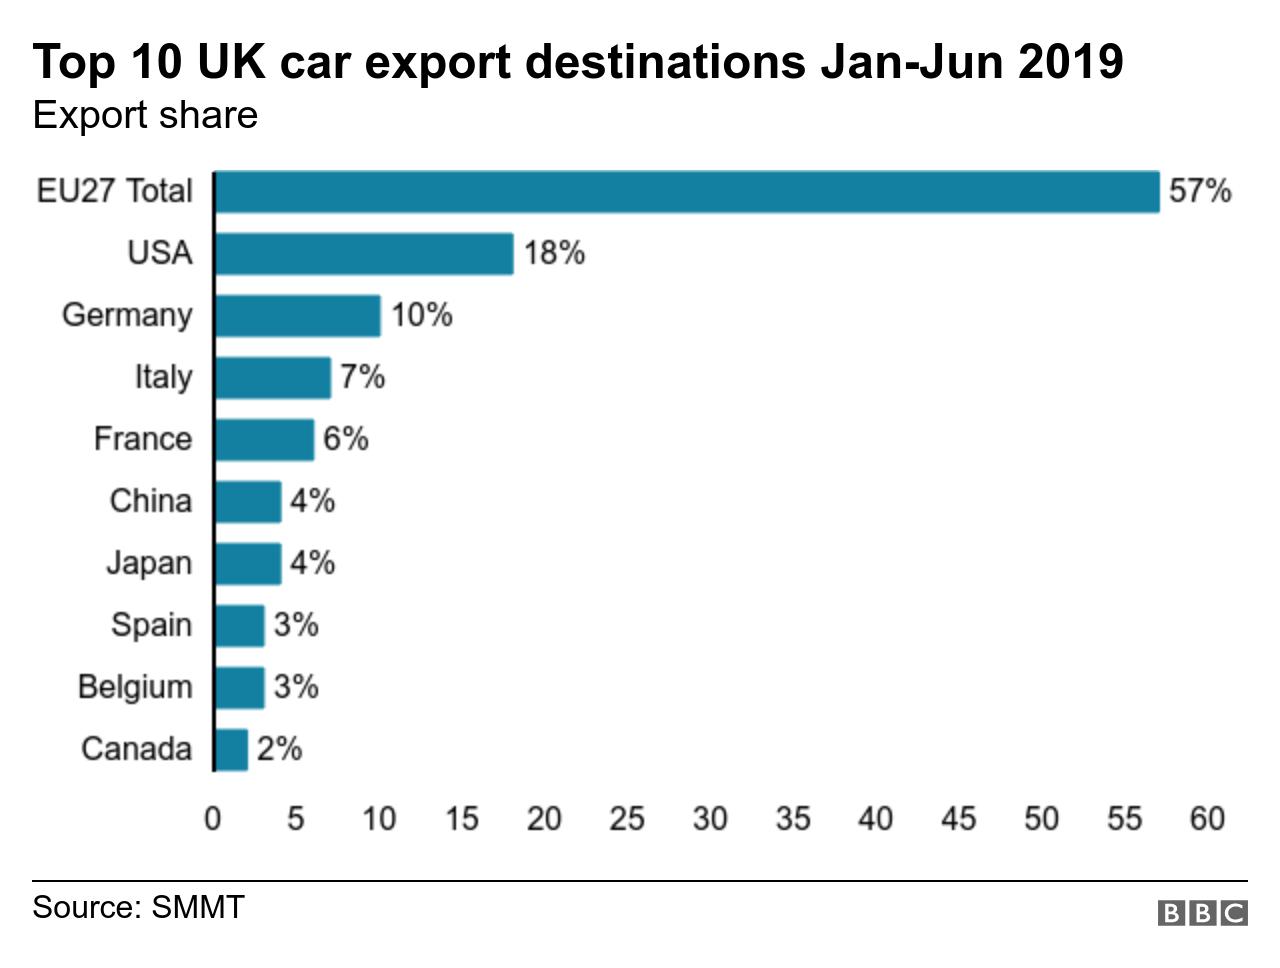 Top car export destinations